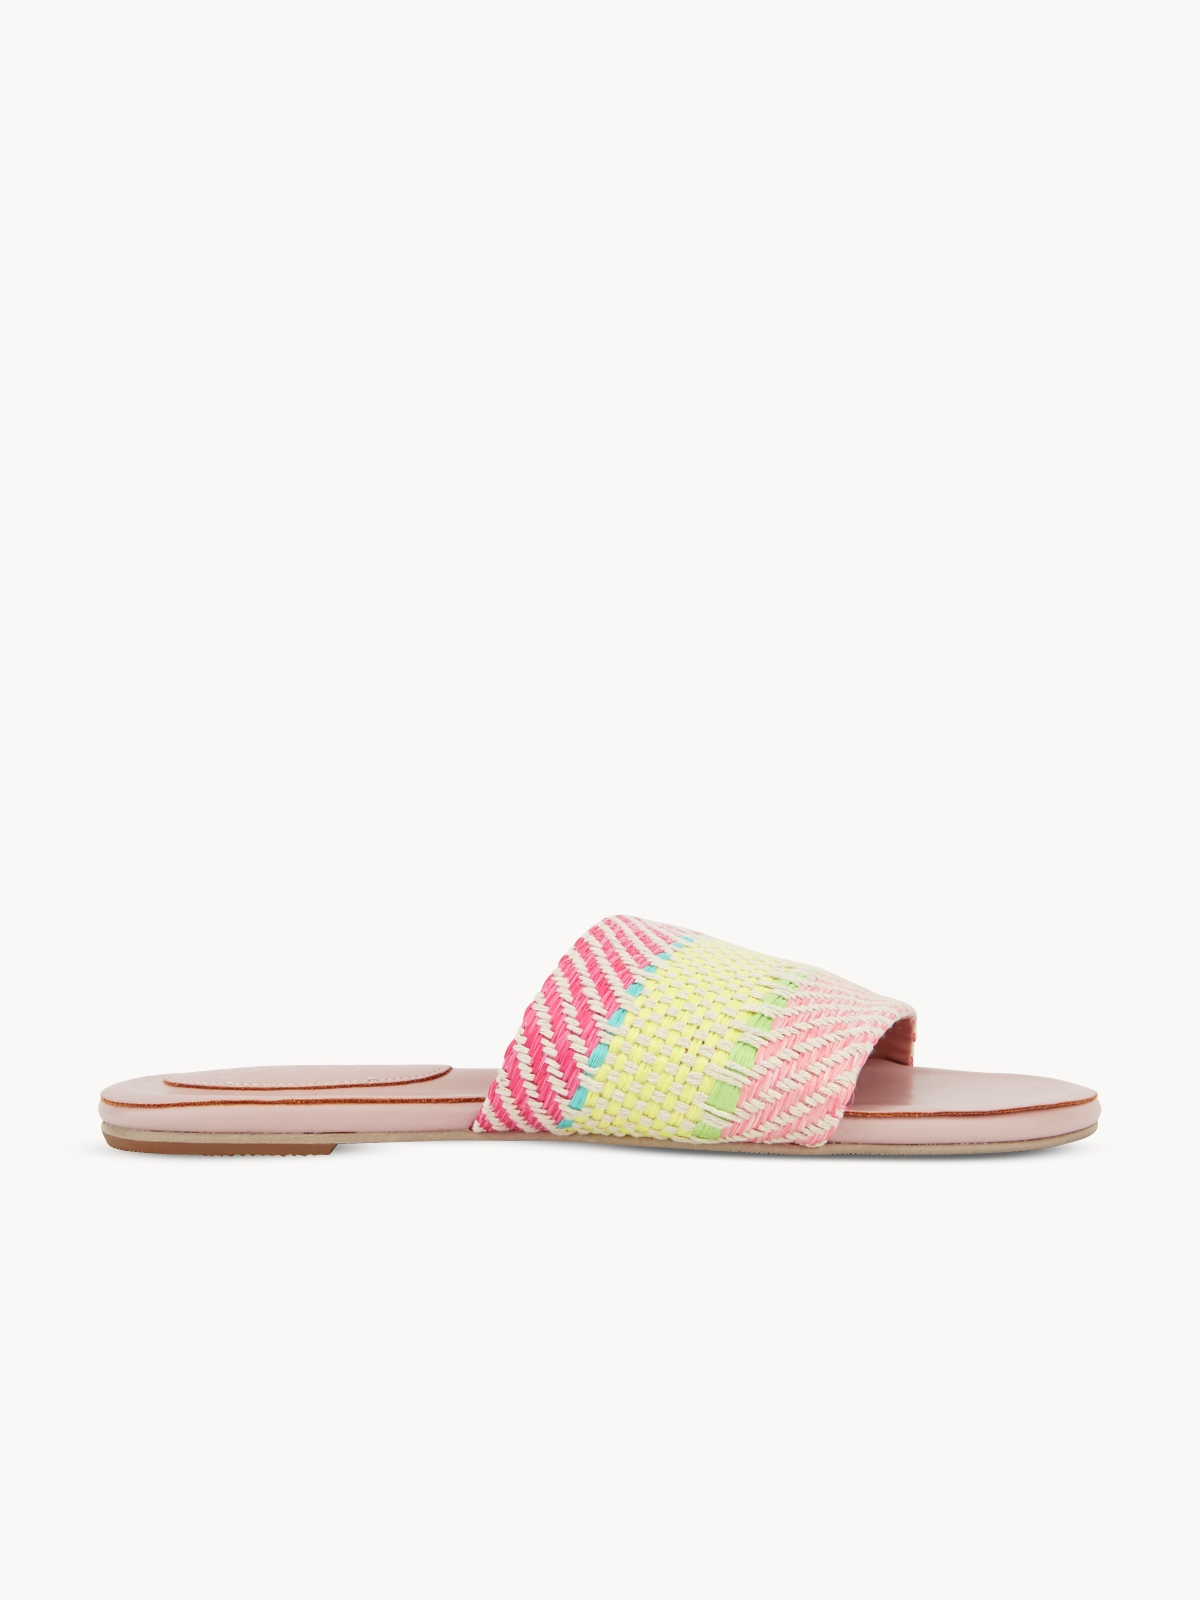 Mosstories Weave Sandals Pink